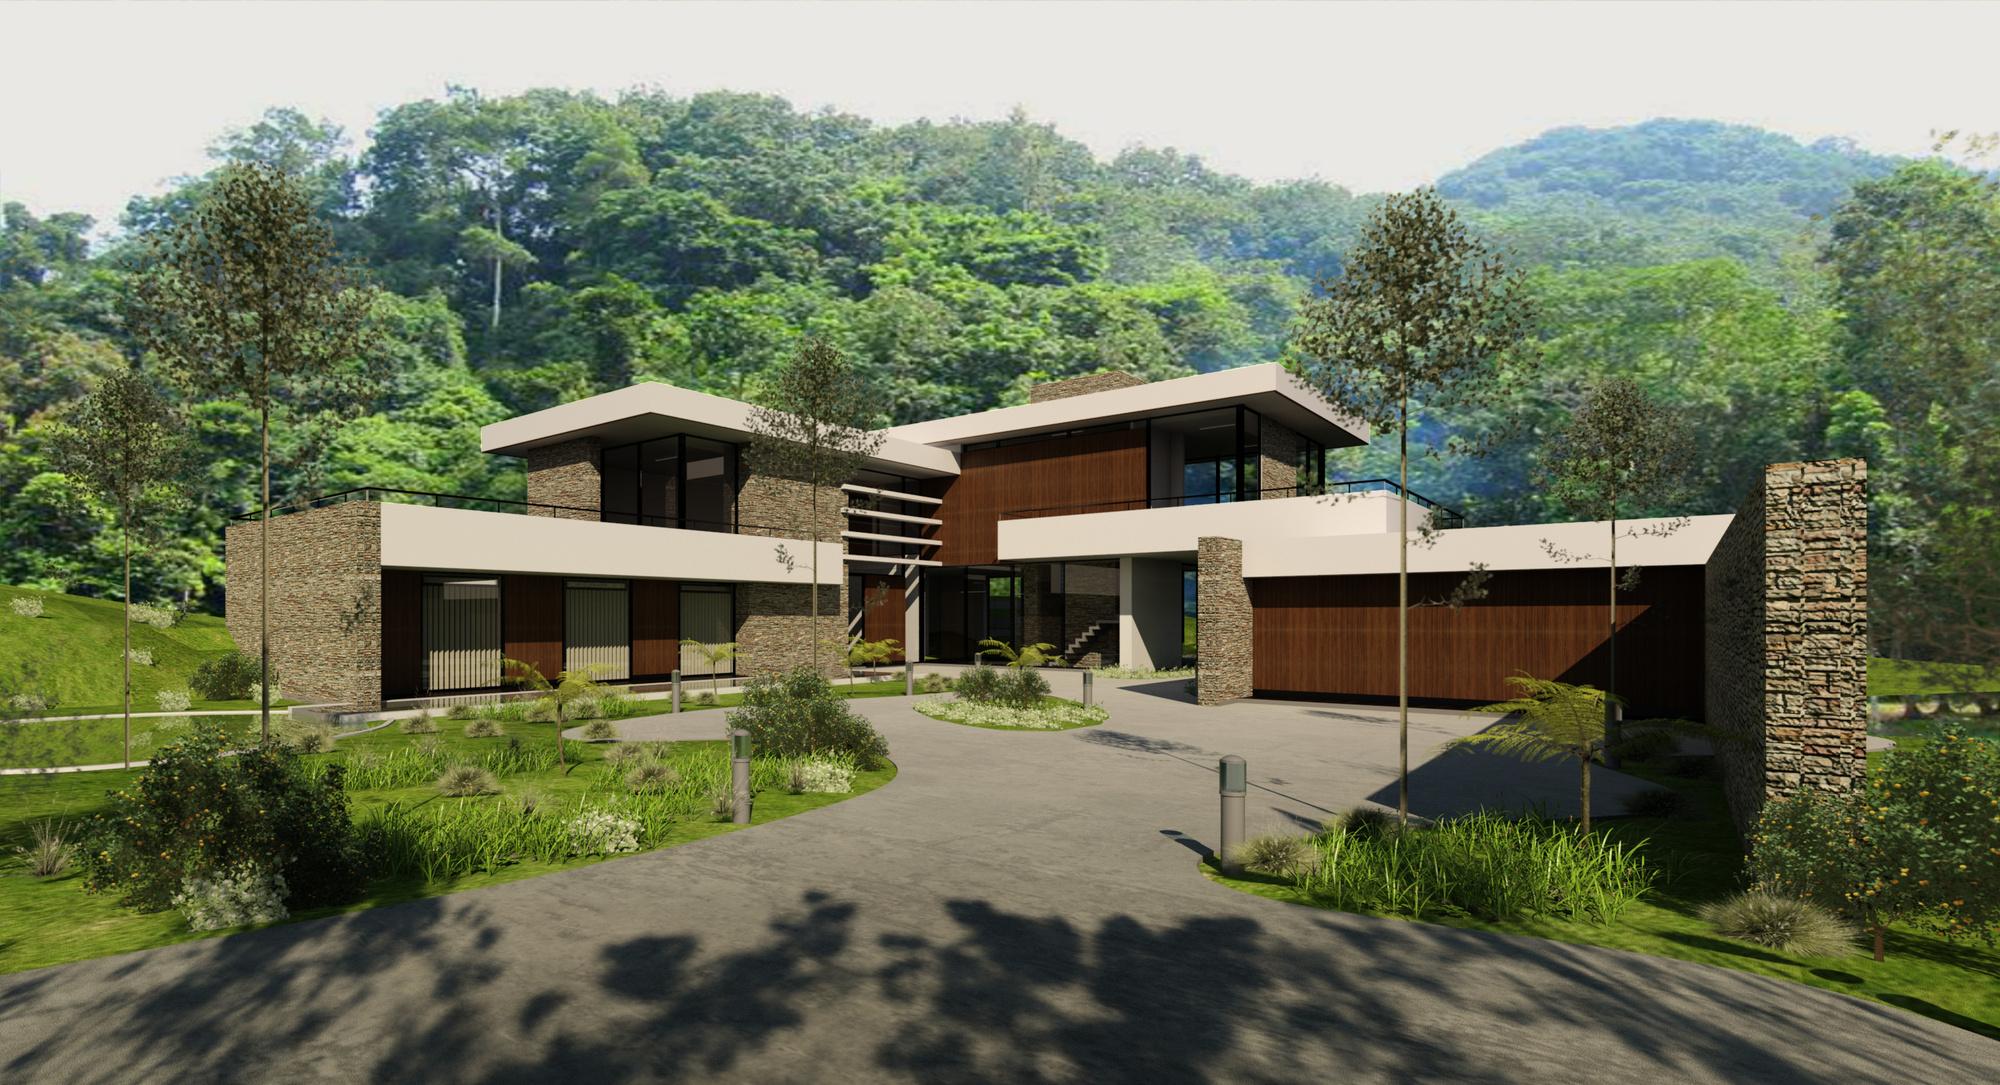 Raas-rendering20150324-1541-cnxn14